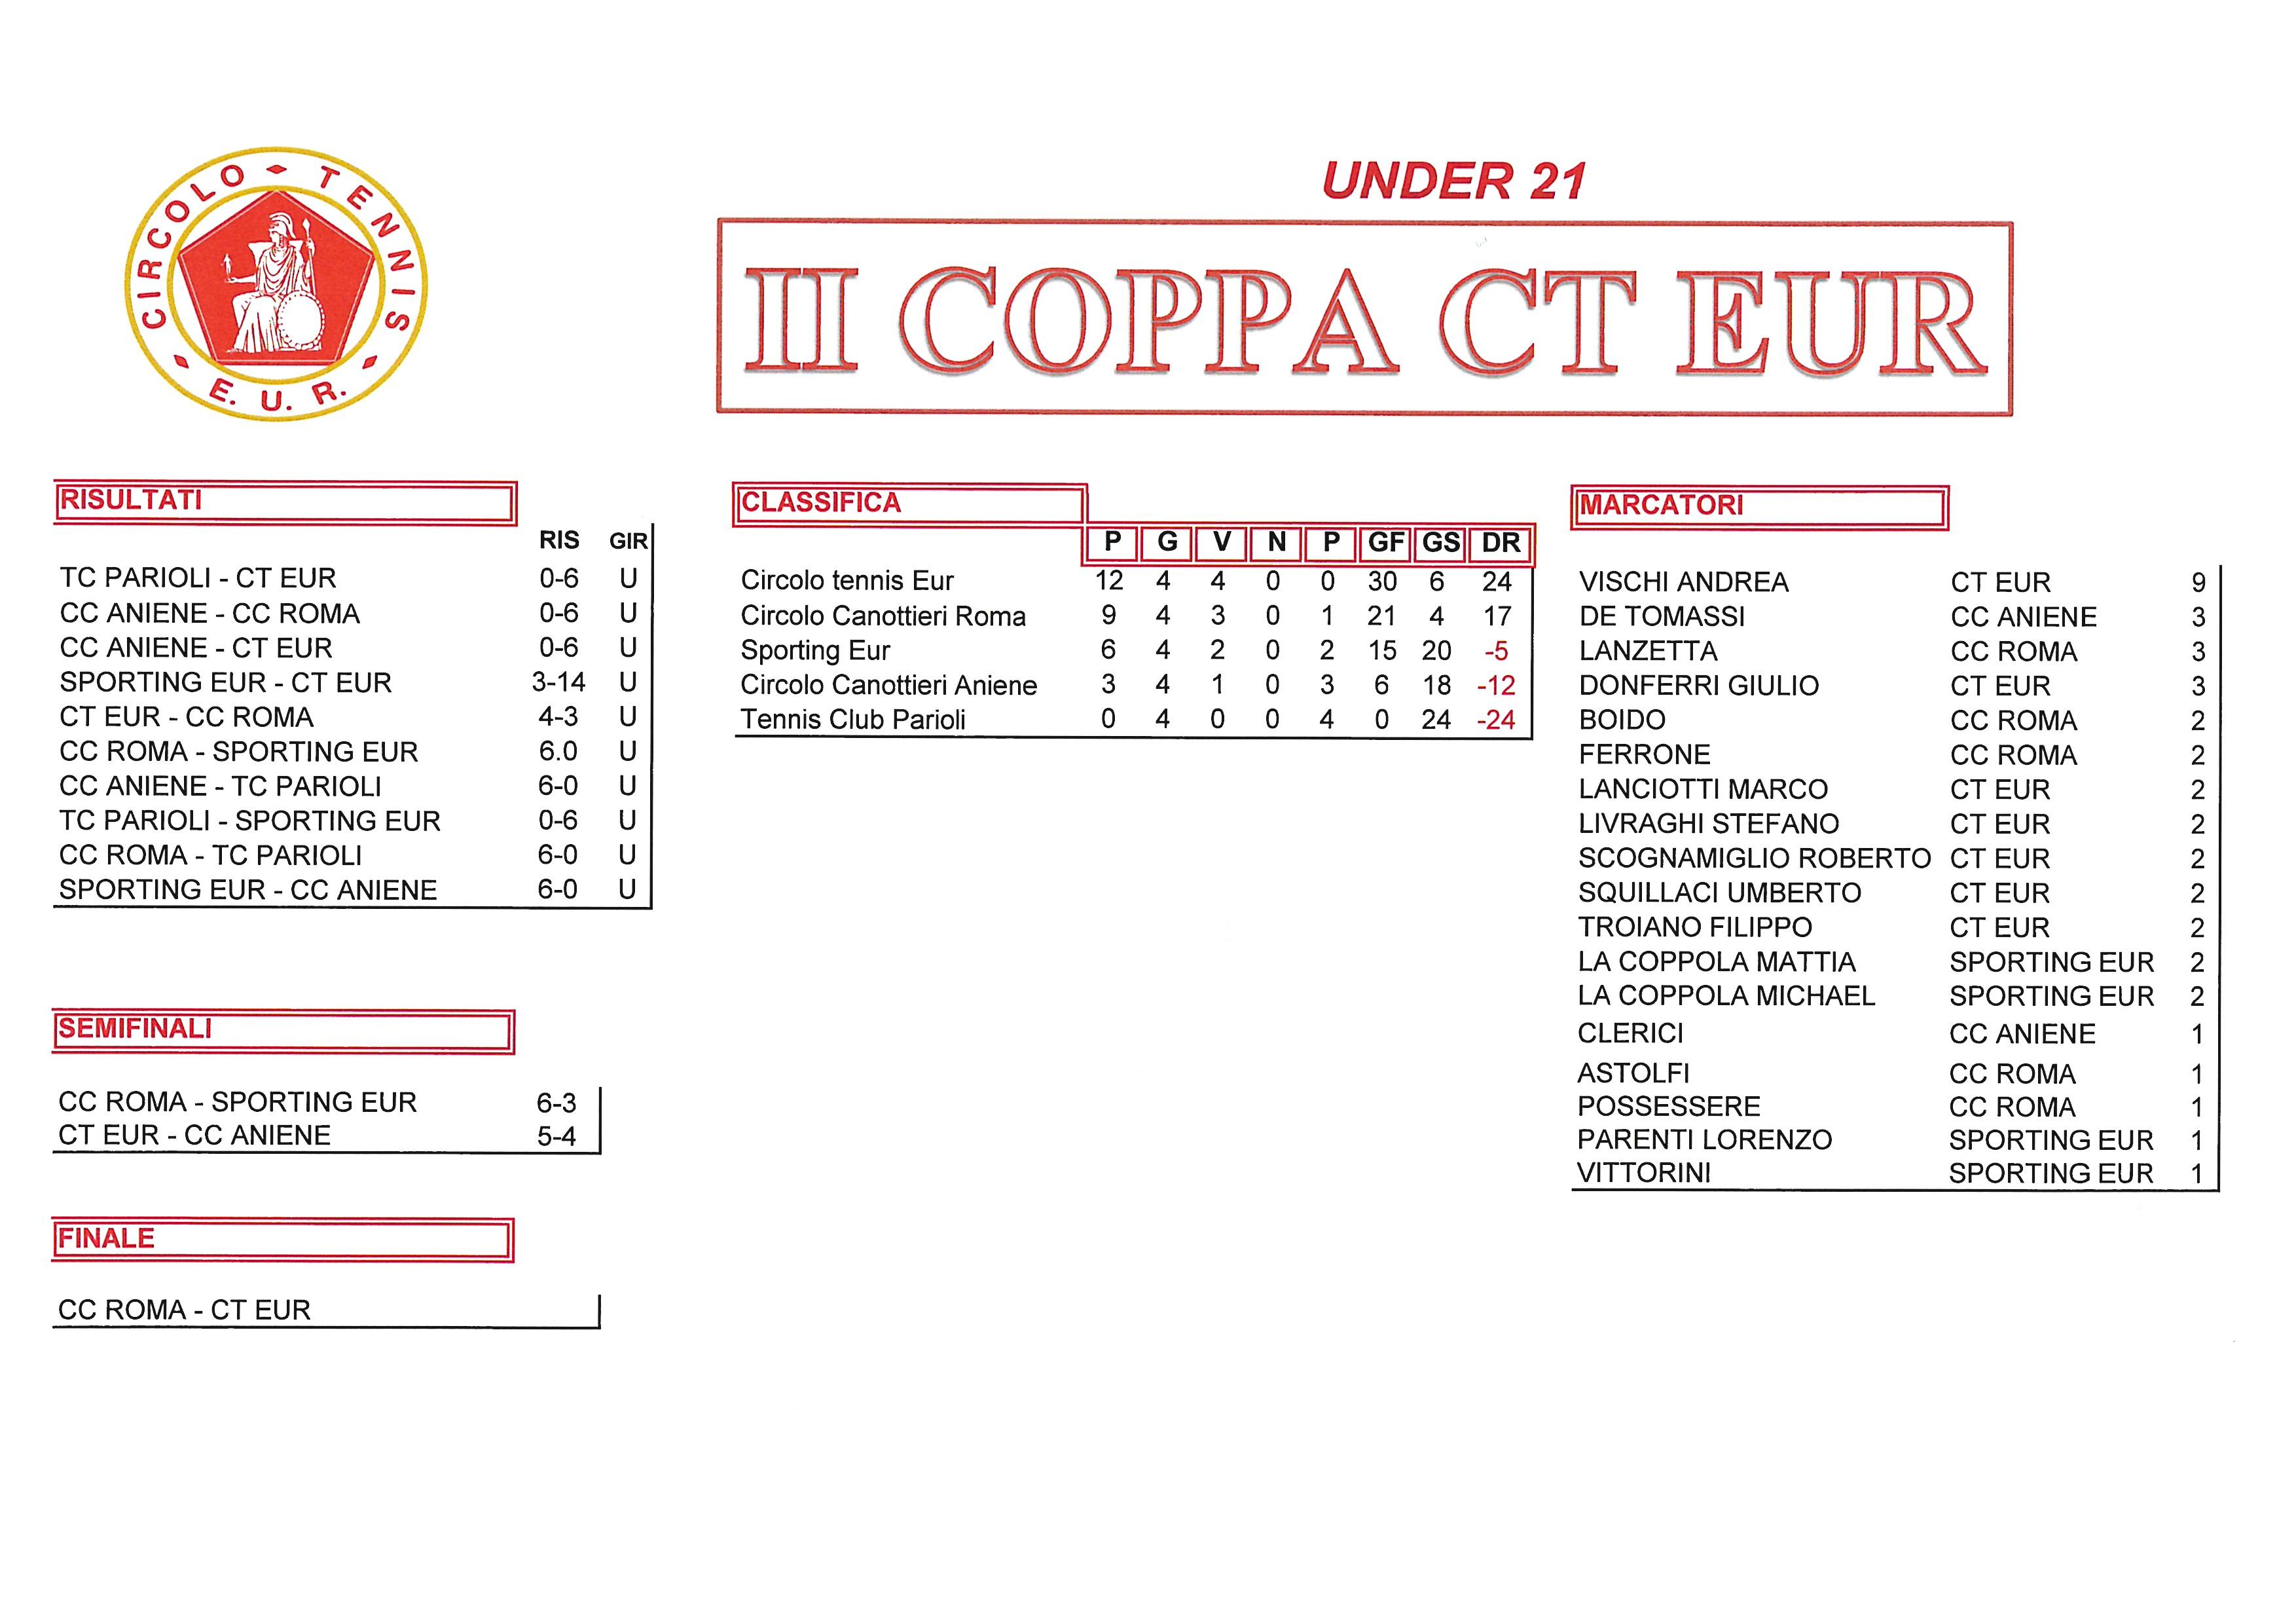 Coppa CT Eur Semifinali Calcio a 5 11 ottobre 2017 Under 21